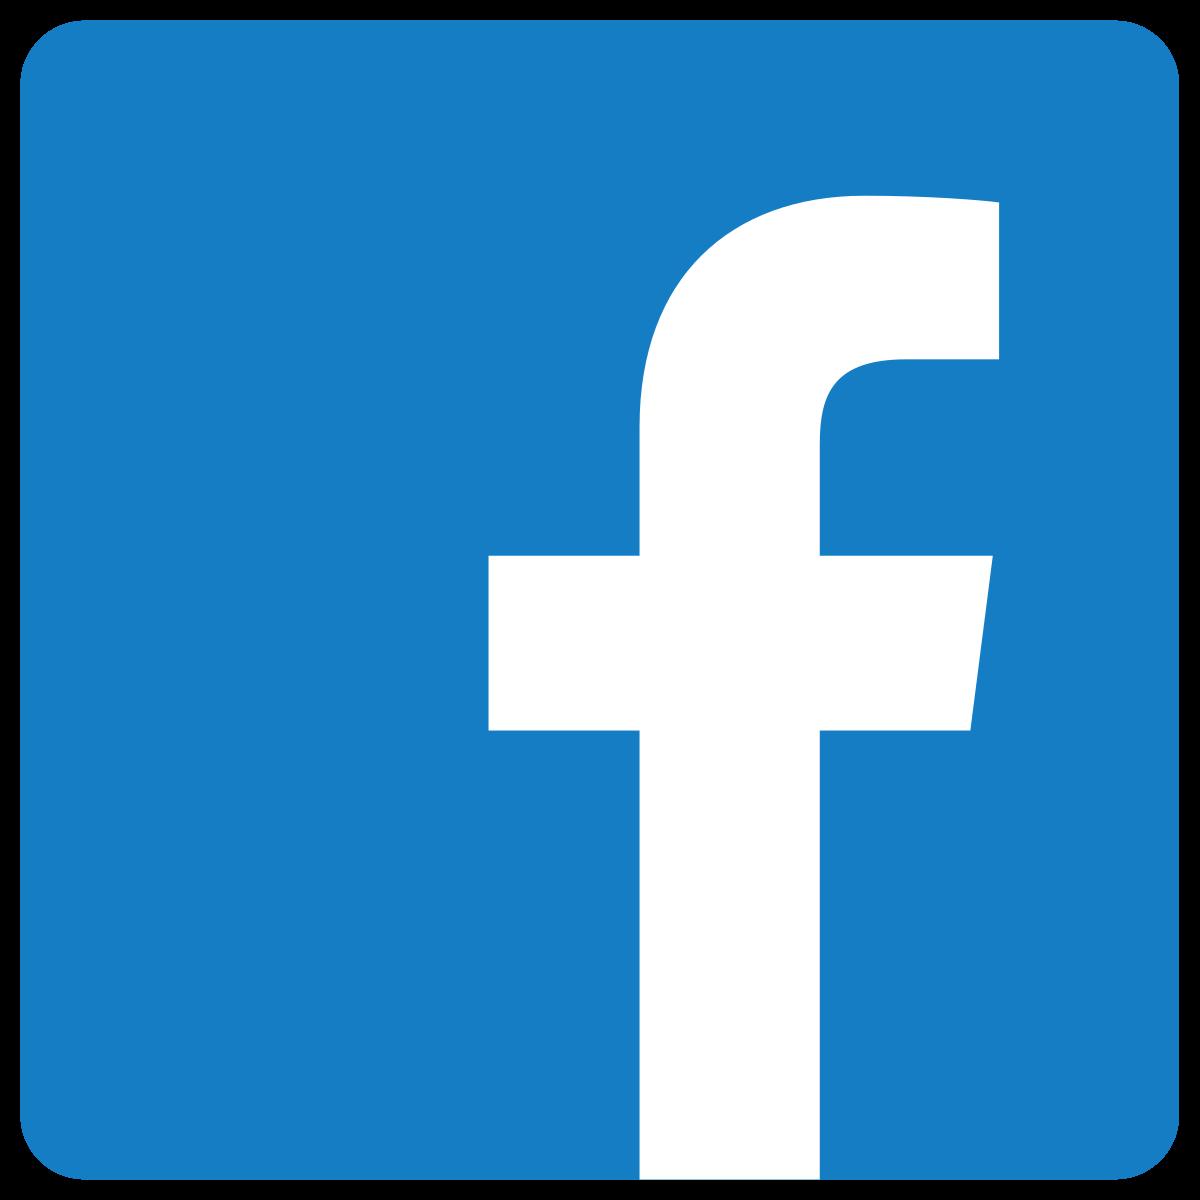 Come scaricare foto da Facebook? 1